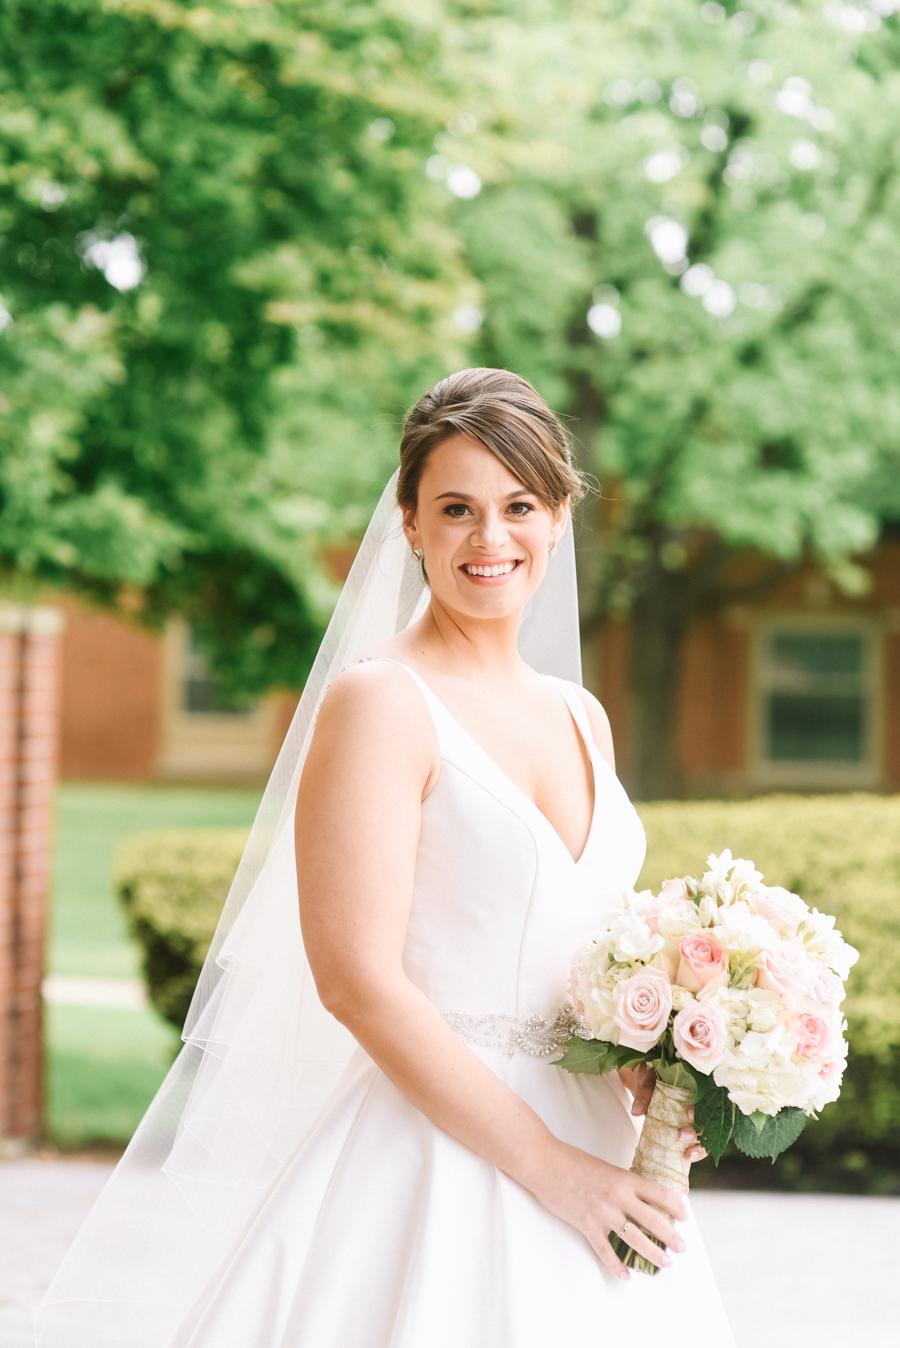 Dearborn_Inn_Wedding_Photos-22.jpg